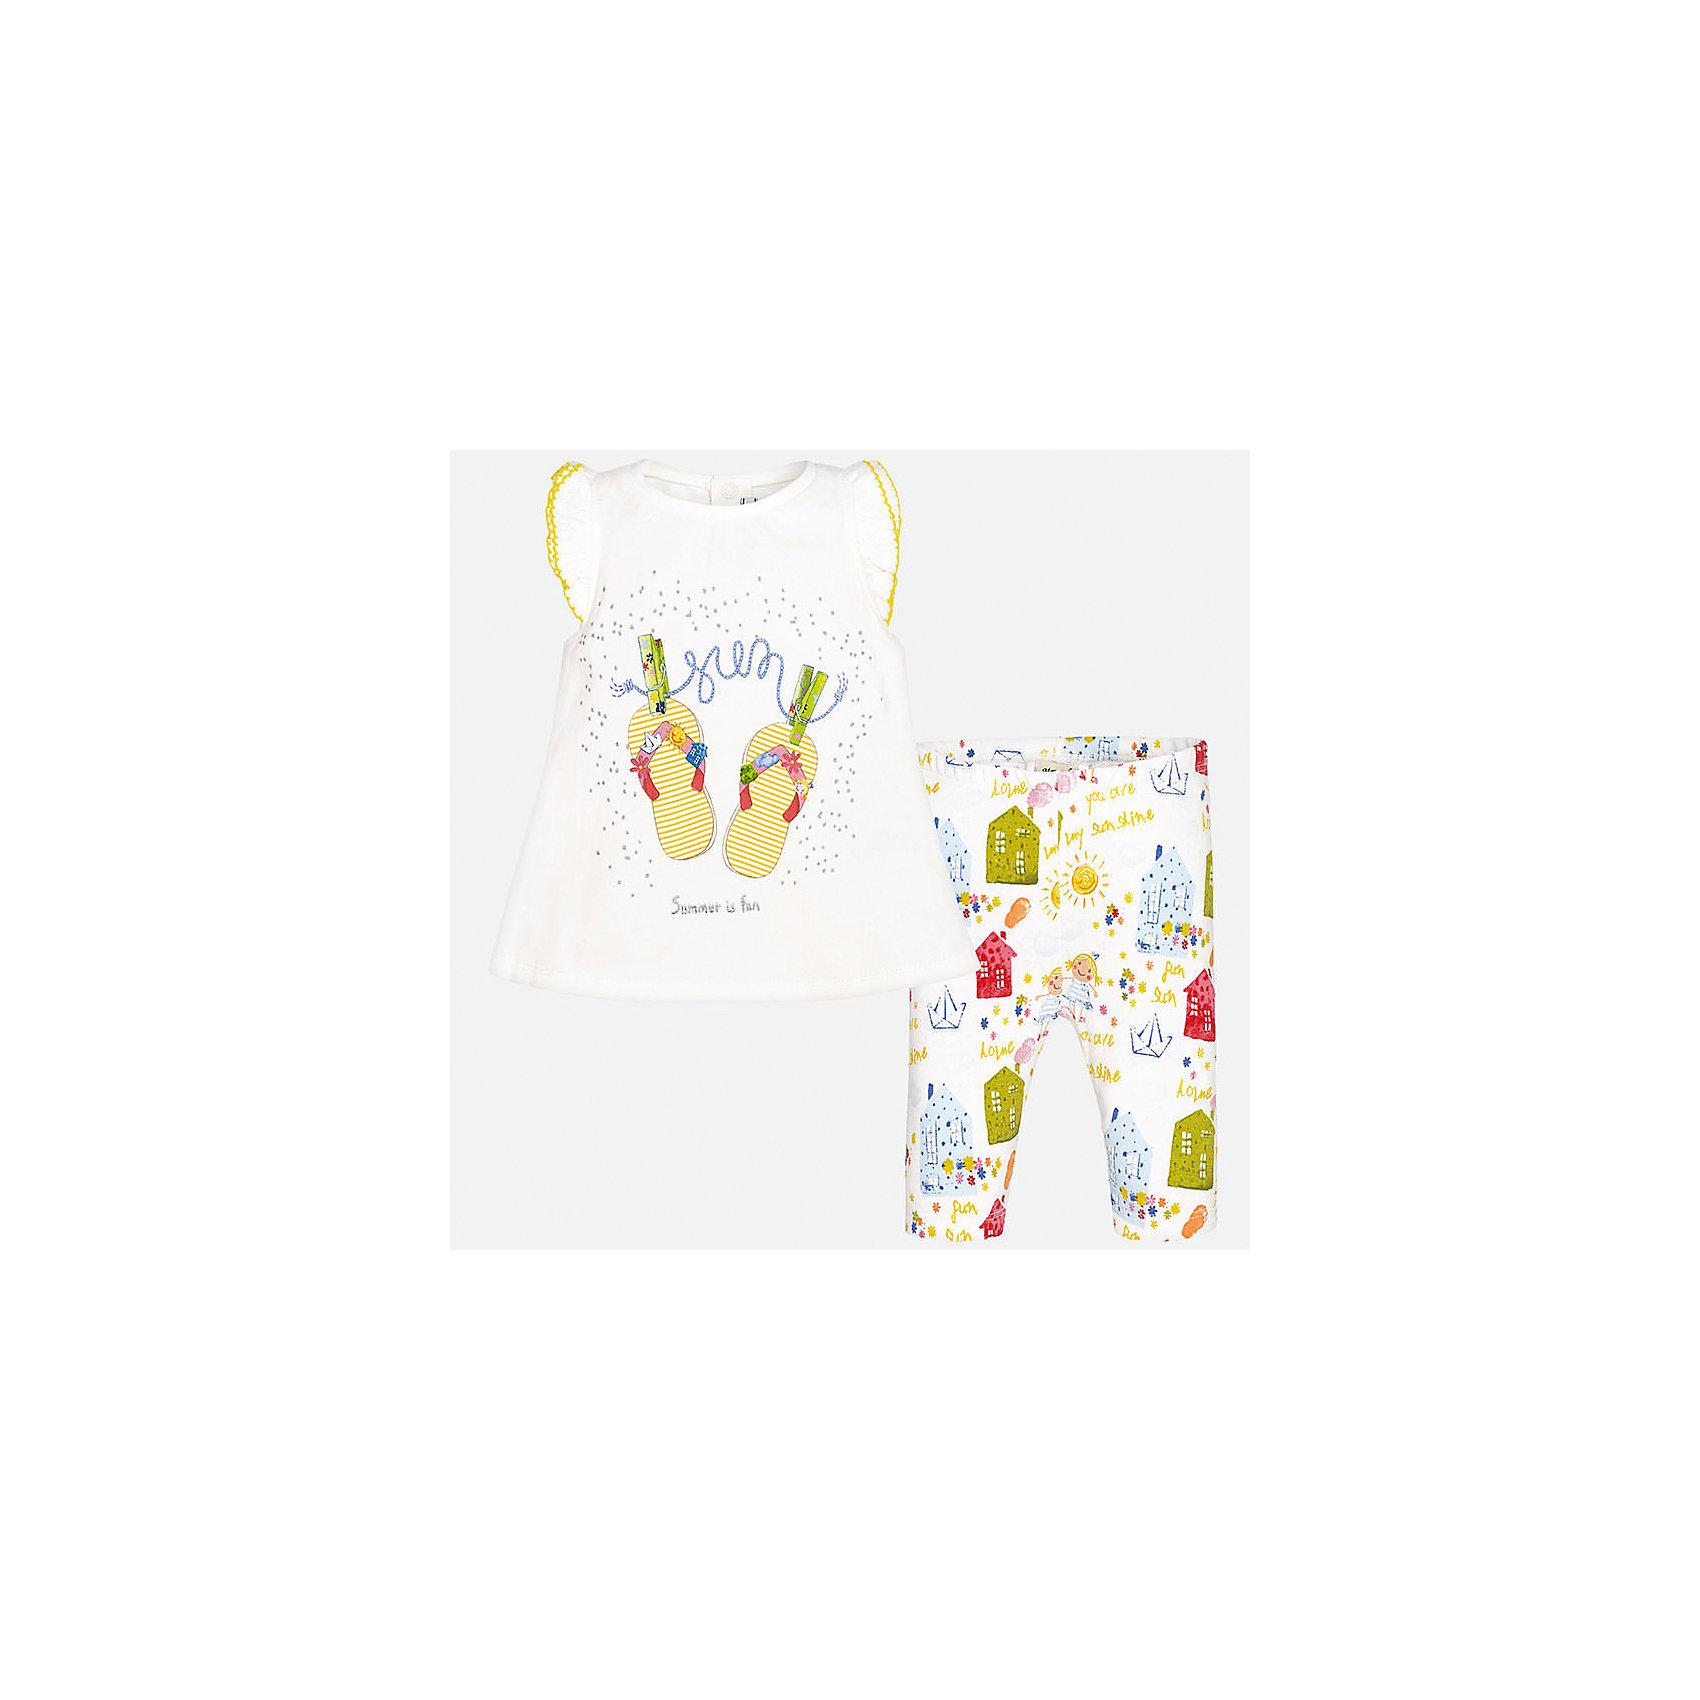 Комплект: футболка и леггинсы для девочки MayoralКомплекты<br>Характеристики товара:<br><br>• цвет: белый принт<br>• состав: 92% хлопок, 8% эластан<br>• комплектация: футболка и леггинсы<br>• футболка декорирована принтом, сзади кнопки<br>• леггинсы декорированы принтом<br>• пояс на резинке<br>• страна бренда: Испания<br><br>Стильный качественный комплект для девочки поможет разнообразить гардероб ребенка и удобно одеться в теплую погоду. Он отлично сочетается с другими предметами. Универсальный цвет позволяет подобрать к вещам верхнюю одежду практически любой расцветки. Интересная отделка модели делает её нарядной и оригинальной. В составе материала - натуральный хлопок, гипоаллергенный, приятный на ощупь, дышащий.<br><br>Одежда, обувь и аксессуары от испанского бренда Mayoral полюбились детям и взрослым по всему миру. Модели этой марки - стильные и удобные. Для их производства используются только безопасные, качественные материалы и фурнитура. Порадуйте ребенка модными и красивыми вещами от Mayoral! <br><br>Комплект: футболка и леггинсы для девочки от испанского бренда Mayoral (Майорал) можно купить в нашем интернет-магазине.<br><br>Ширина мм: 191<br>Глубина мм: 10<br>Высота мм: 175<br>Вес г: 273<br>Цвет: желтый<br>Возраст от месяцев: 6<br>Возраст до месяцев: 9<br>Пол: Женский<br>Возраст: Детский<br>Размер: 74,92,80,86<br>SKU: 5289021